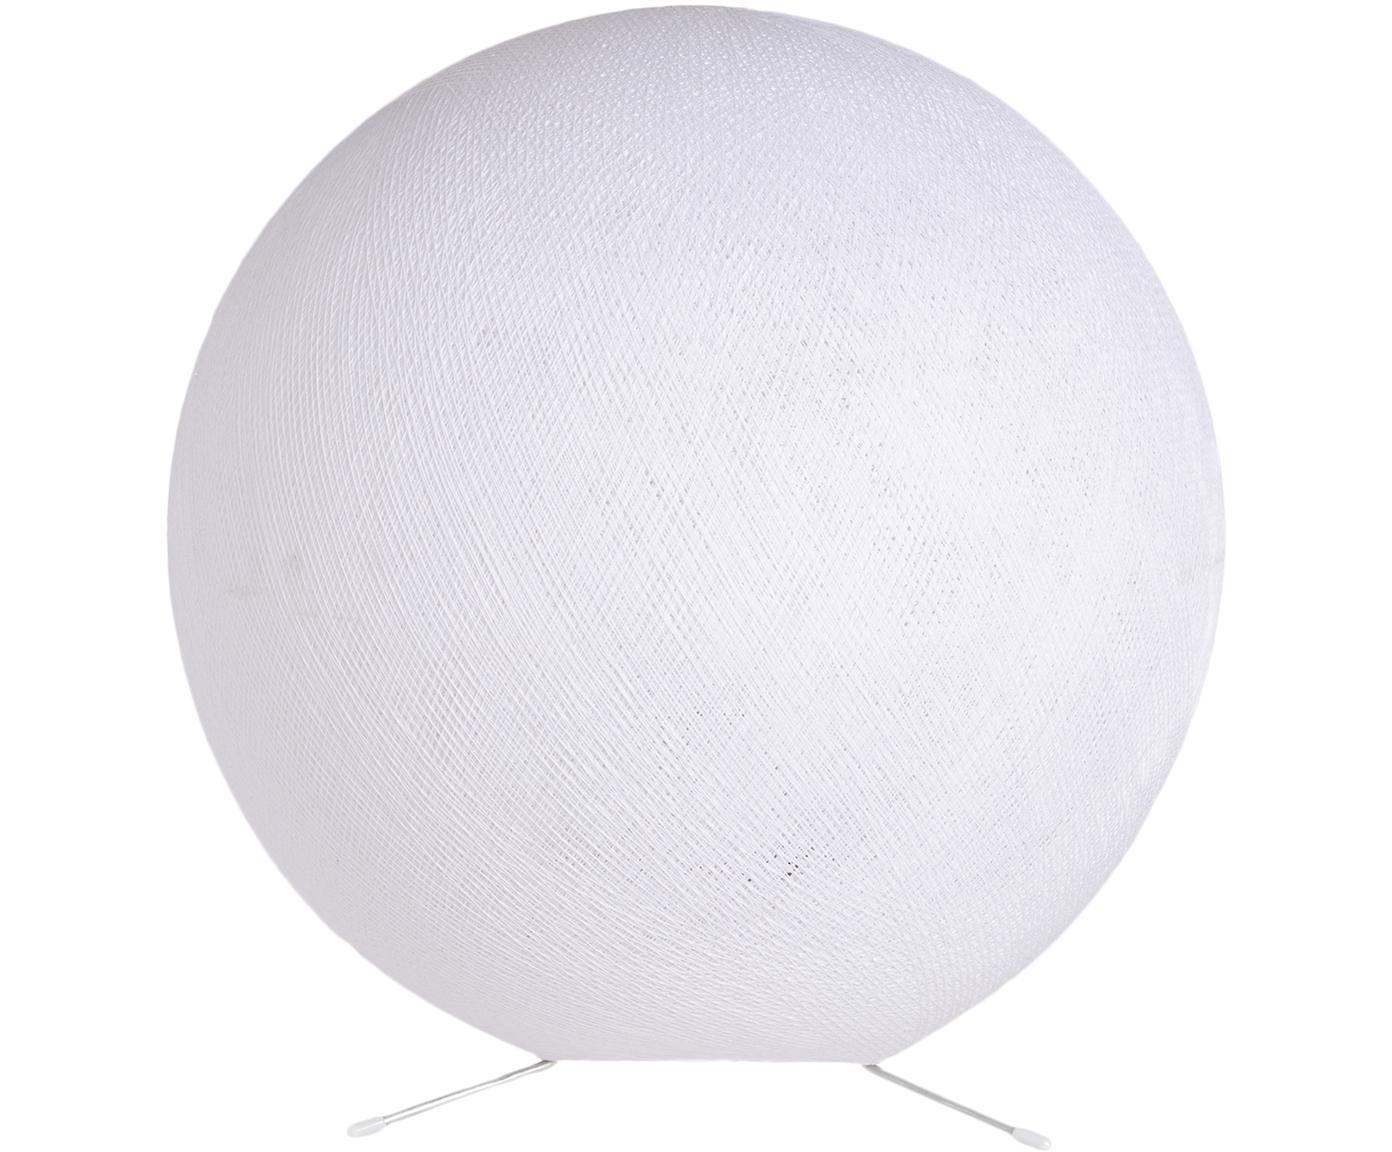 Tischleuchte Colorain, Lampenschirm: Polyester, Lampenfuß: Metall, Weiß, Ø 36 cm